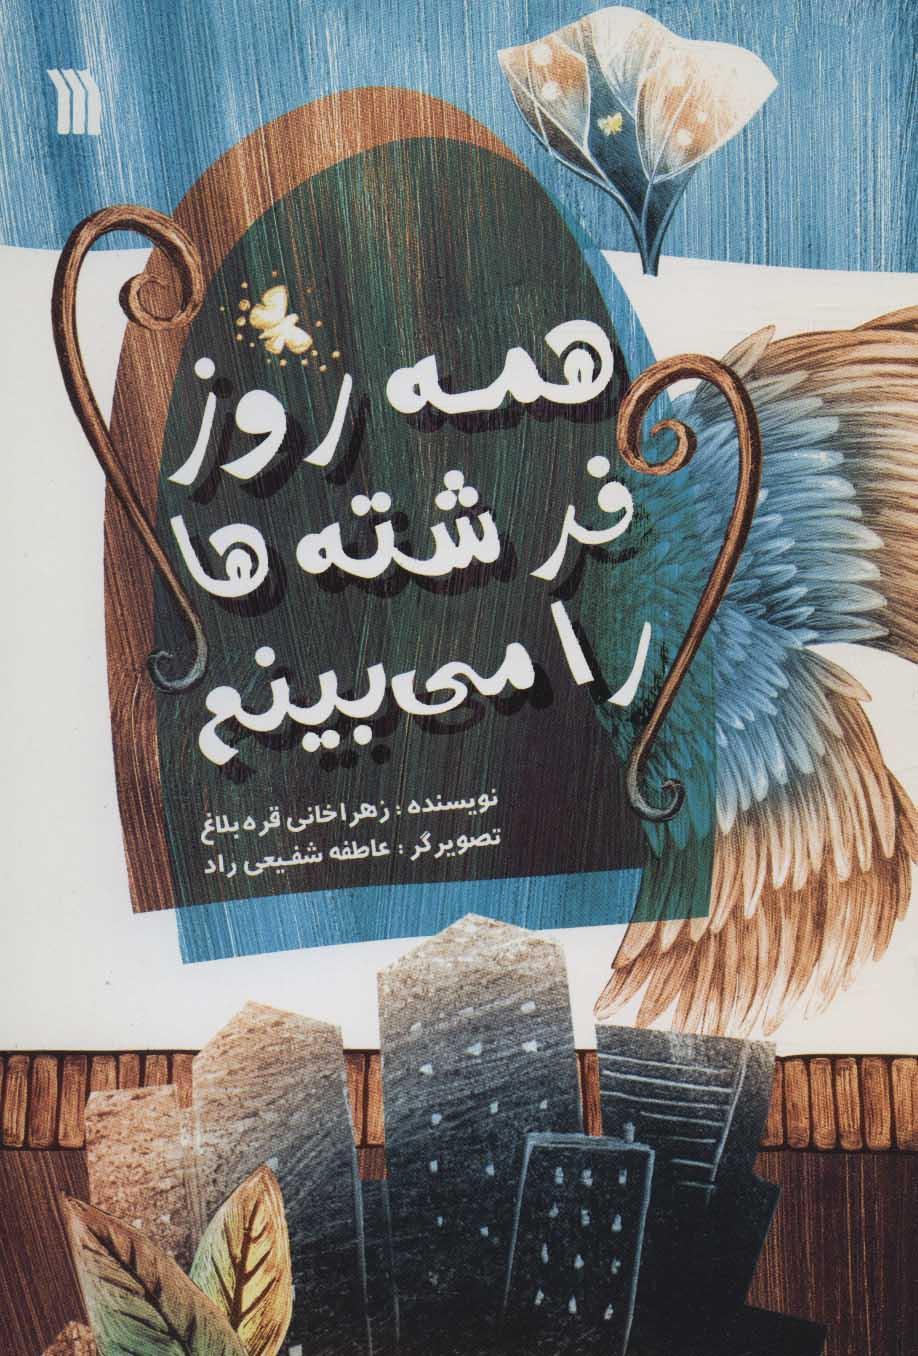 کتاب همه روز فرشته ها را می بینم